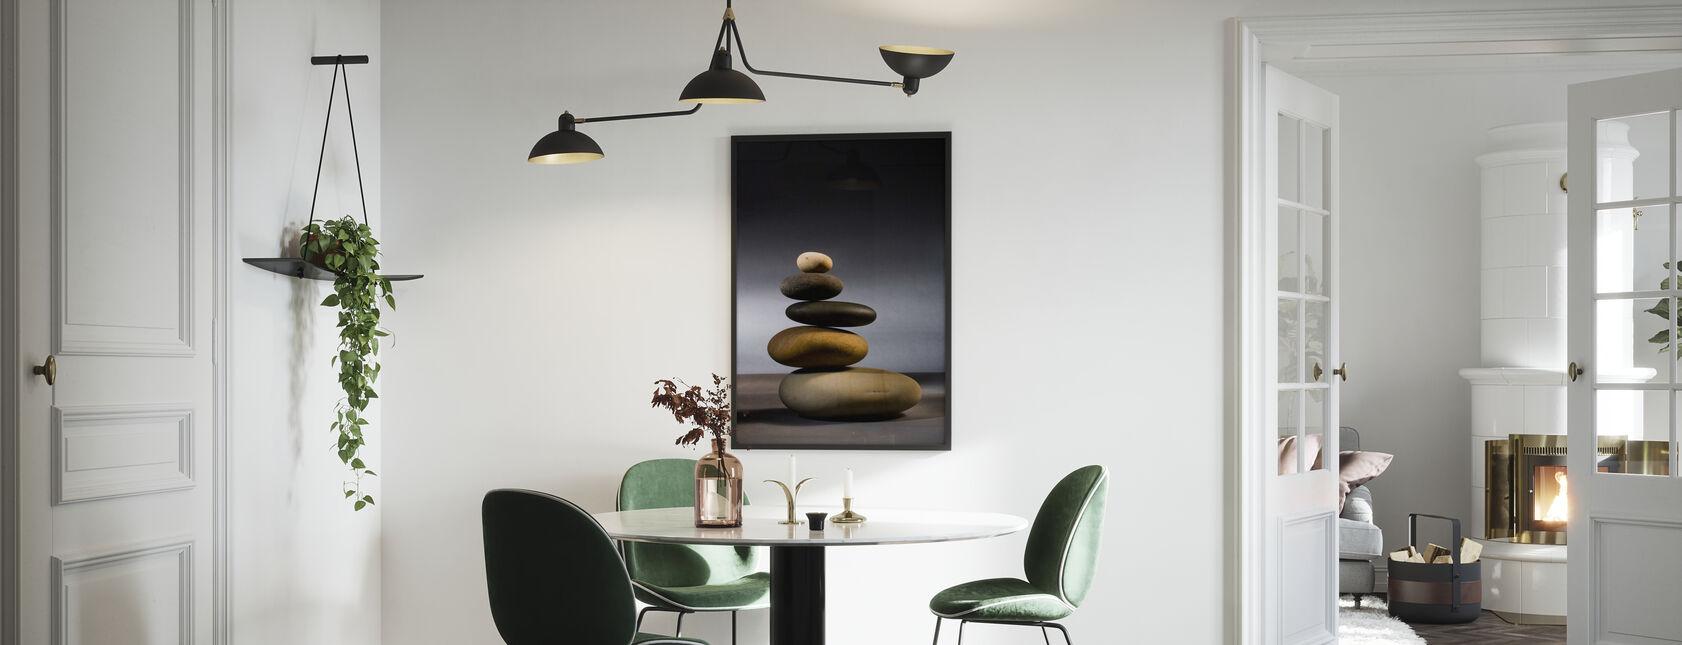 Pietre in equilibrio Zen - Poster - Cucina